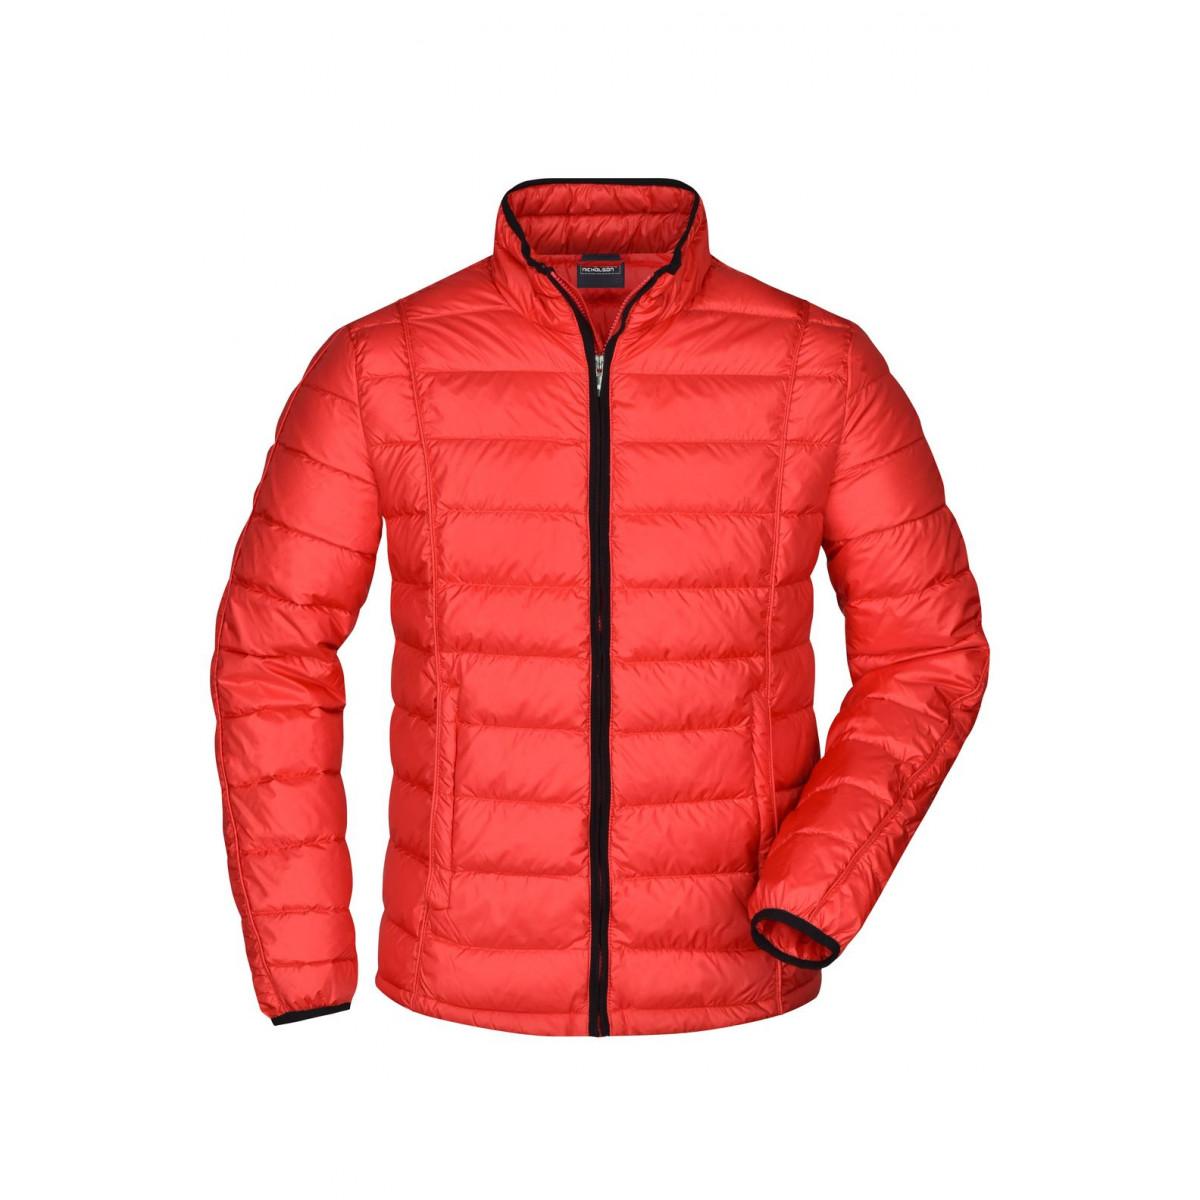 Куртка мужская JN1082 Mens Quilted Down Jacket - Красный/Черный